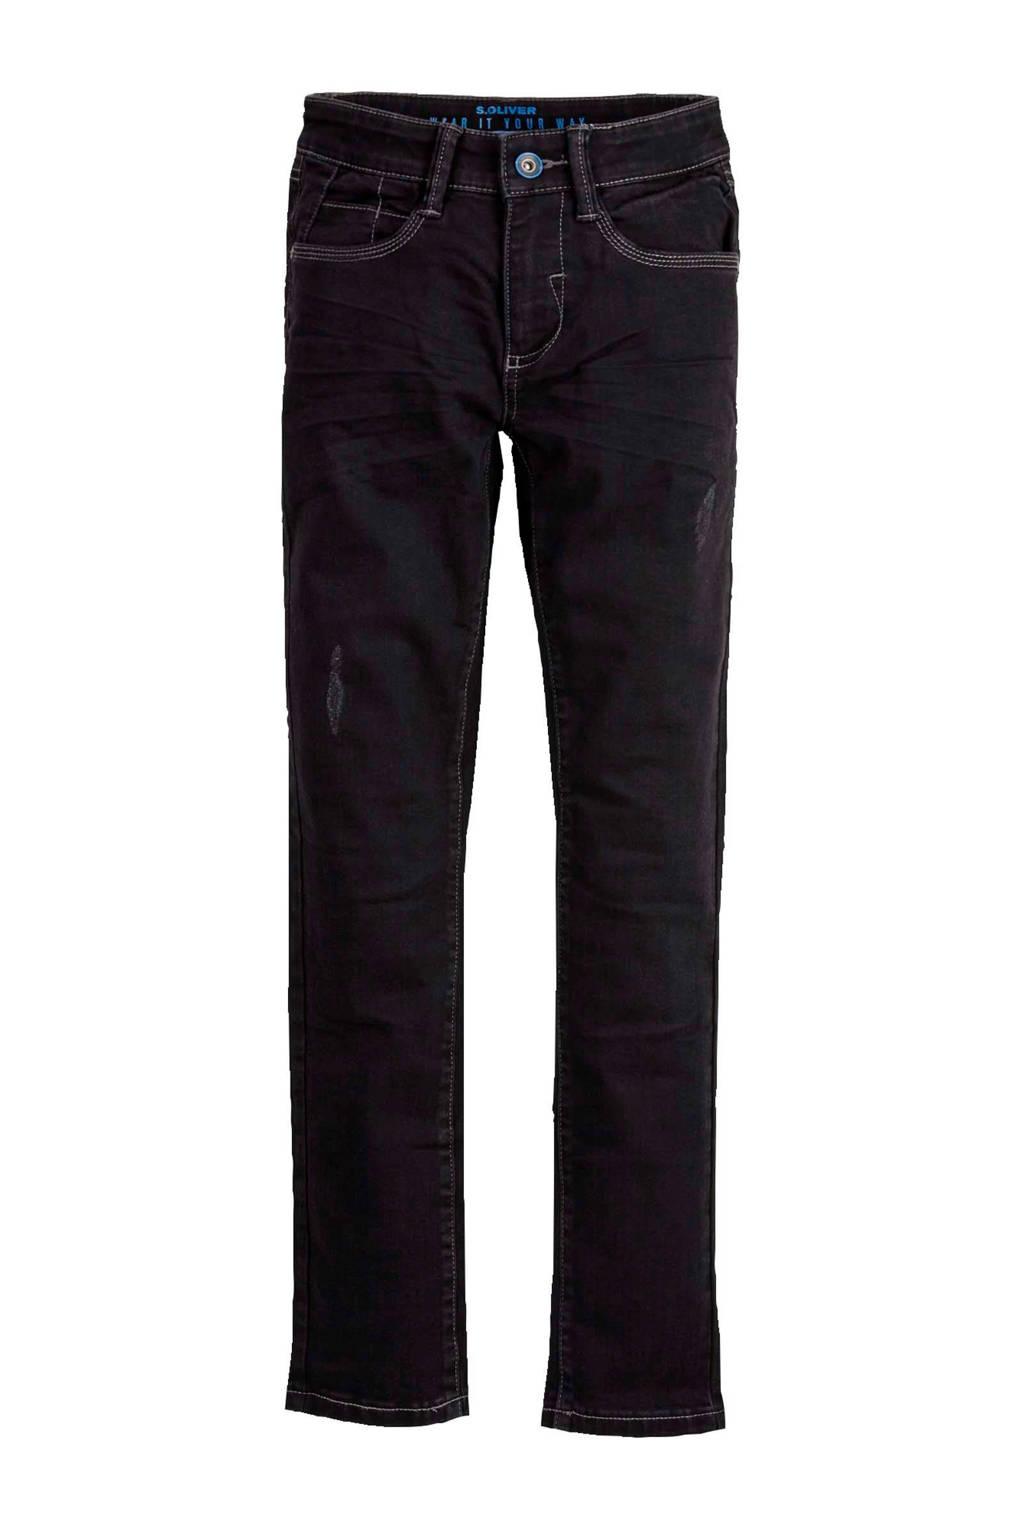 s.Oliver slim fit jeans met slijtage zwart, Zwart